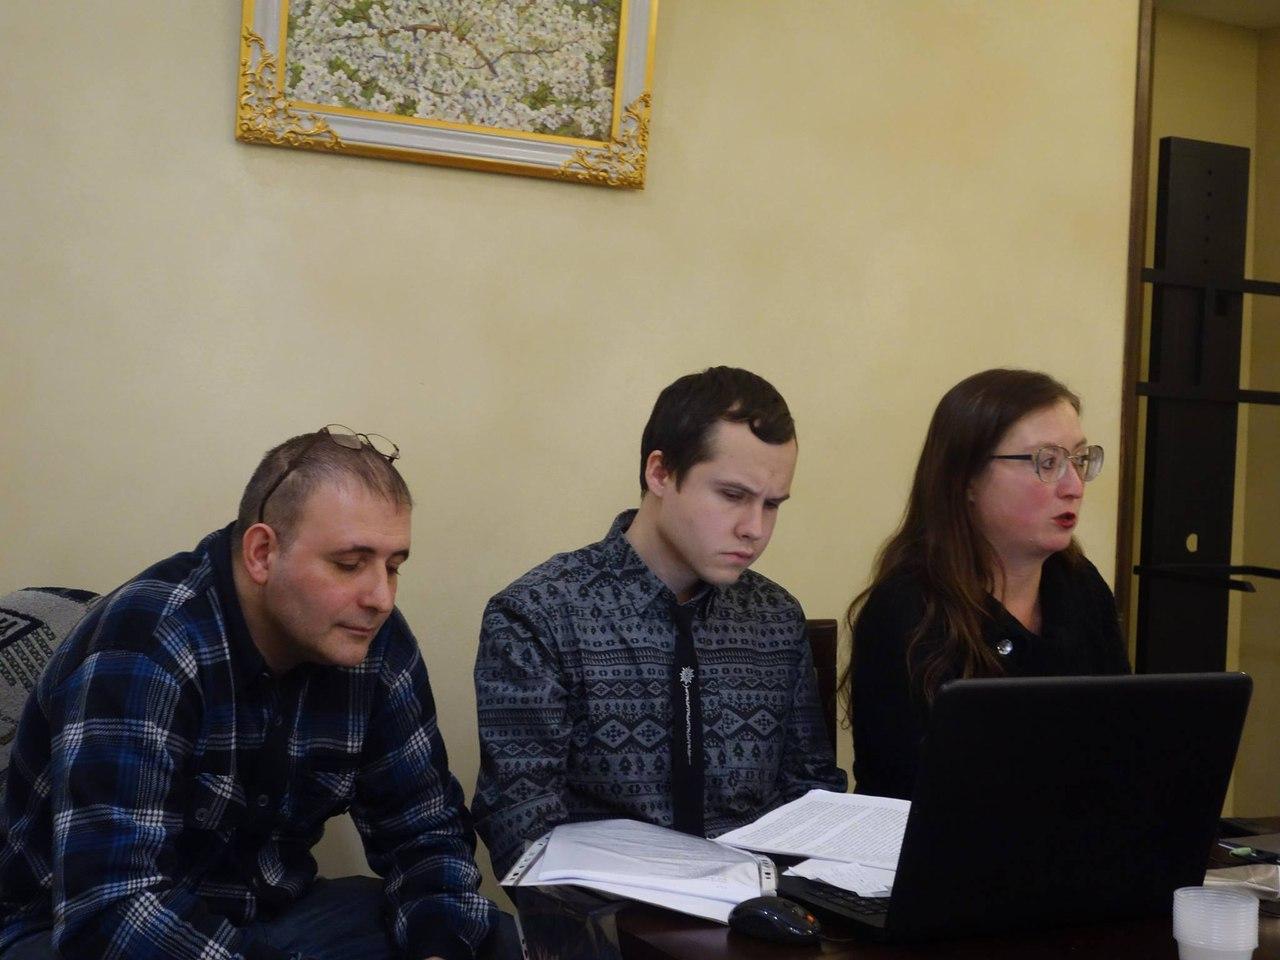 Николай Милешкин, Борис Кутенков, Елена Семенова. Фото: Валерия Исмиева.